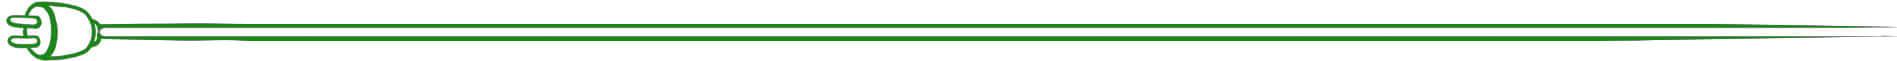 Strompreis Vergleich - Kapiteltrenner grün oben